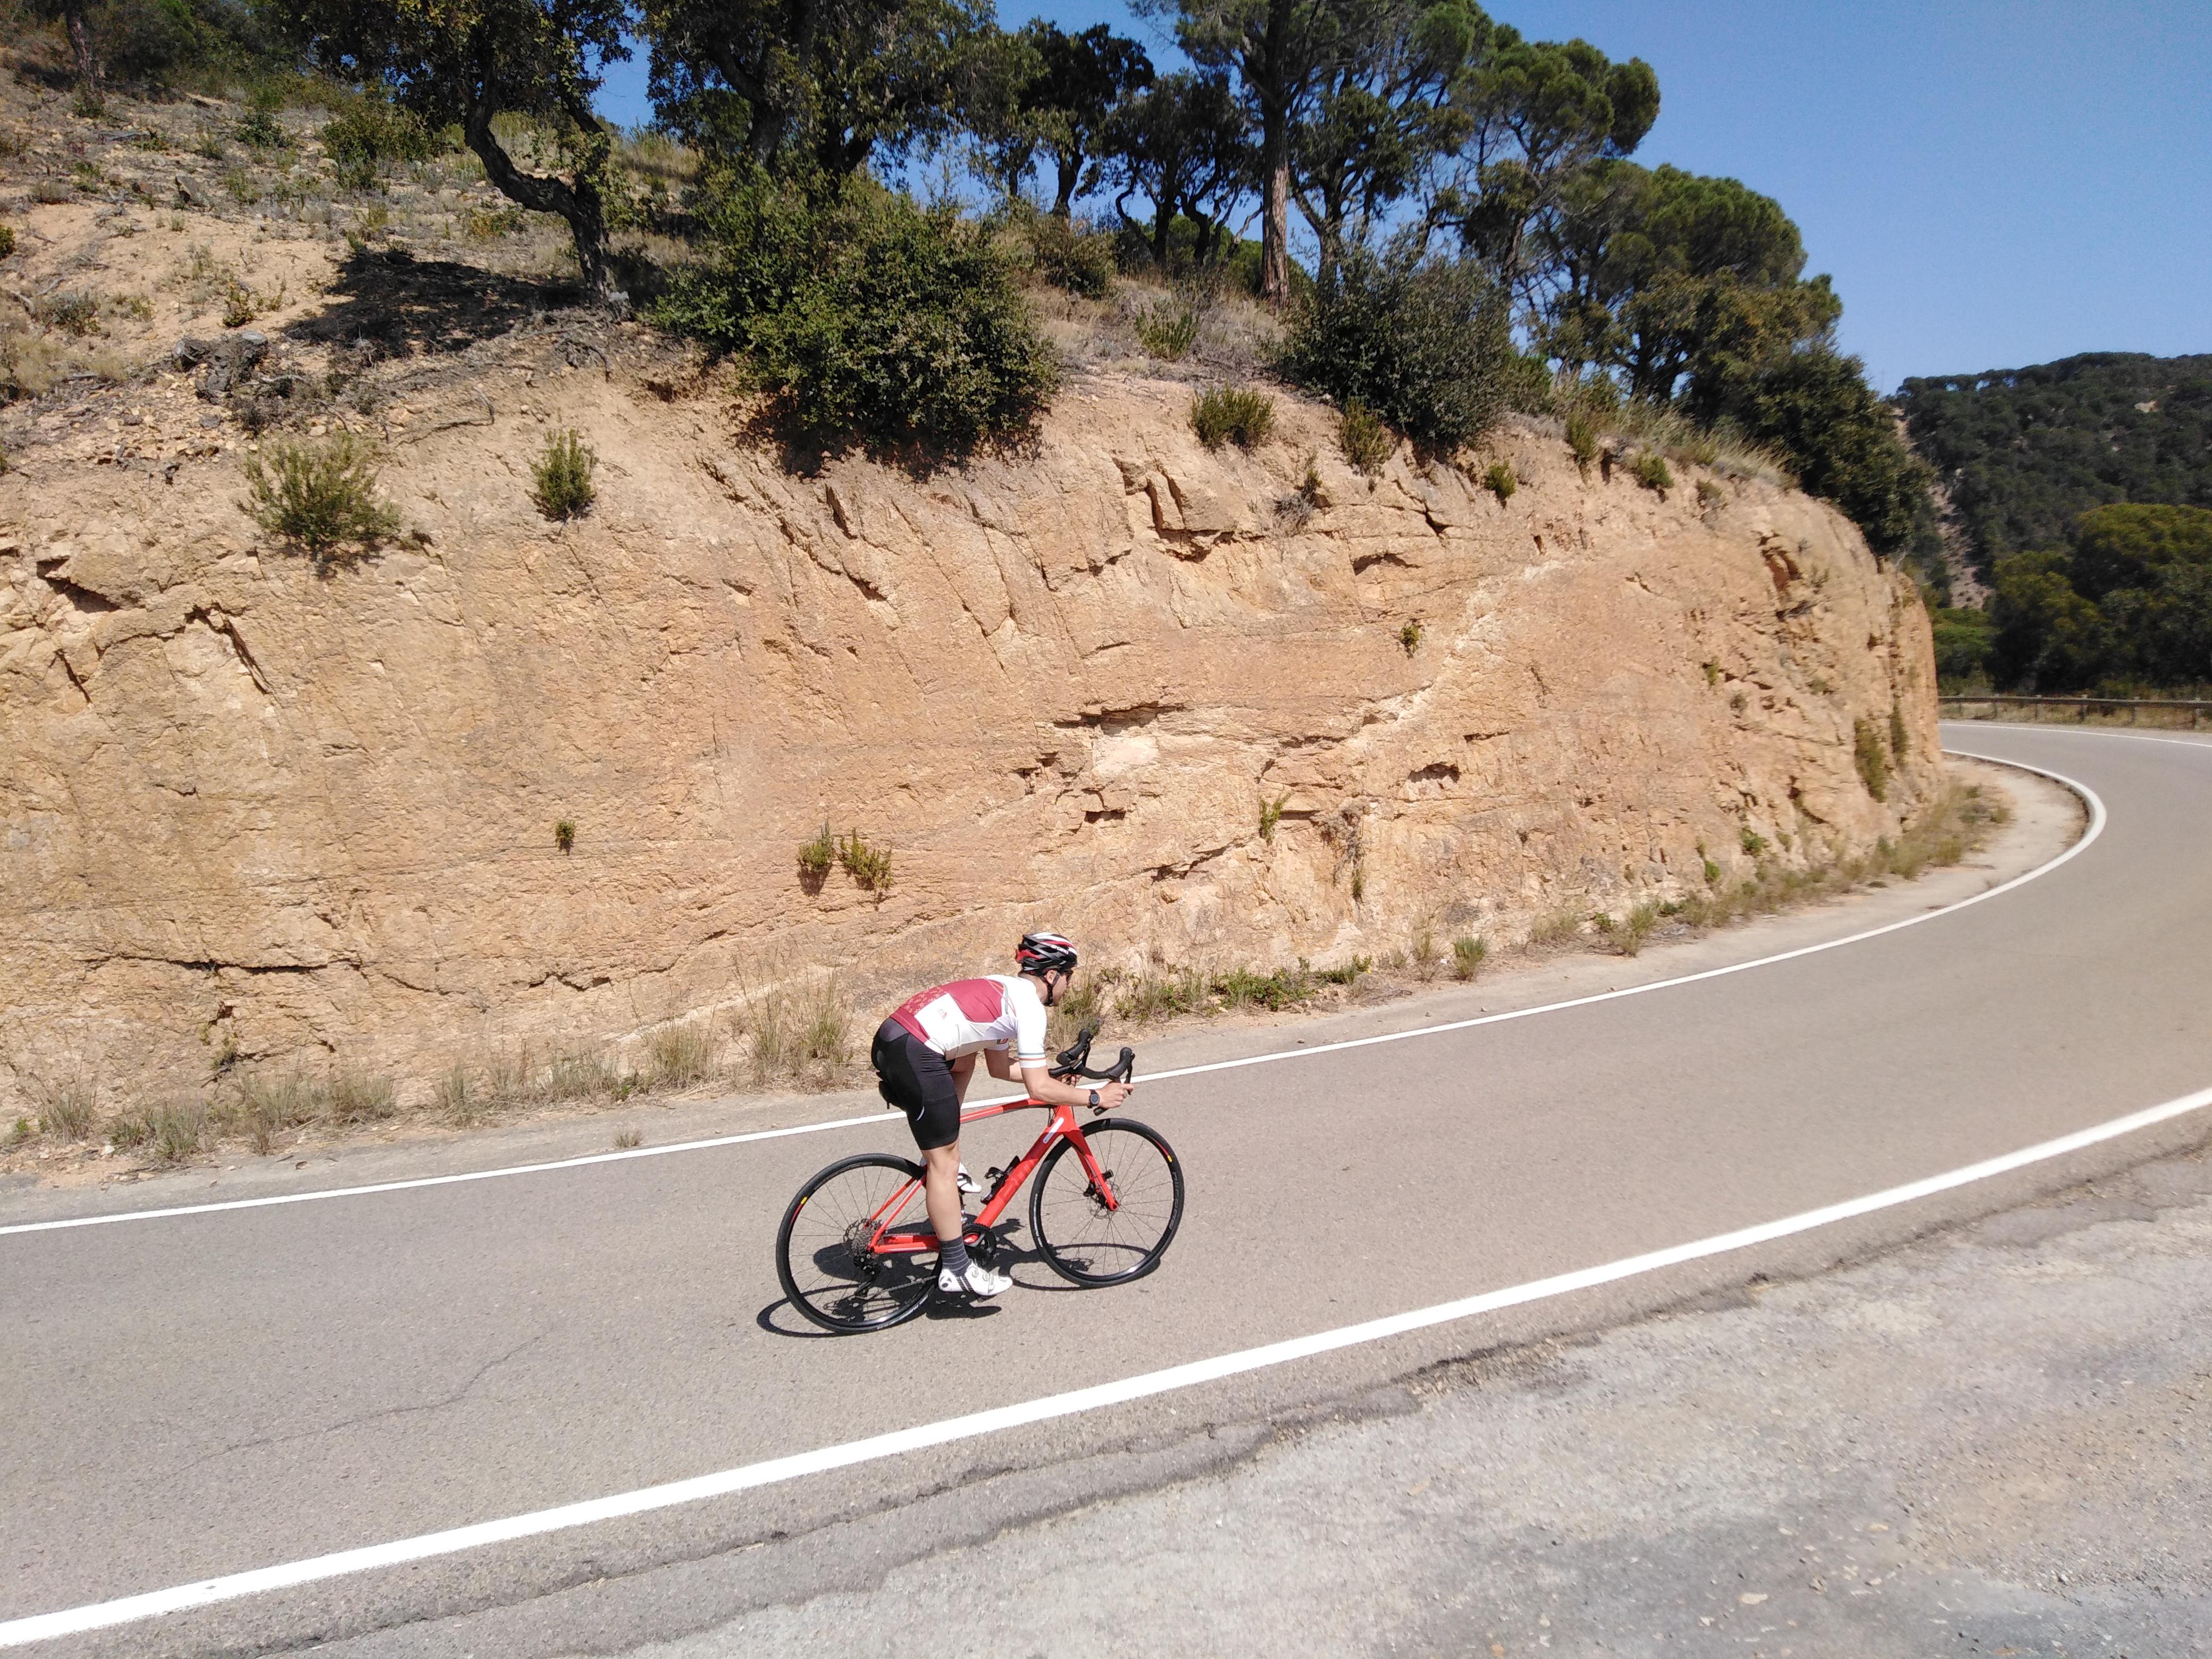 Fran pedalant